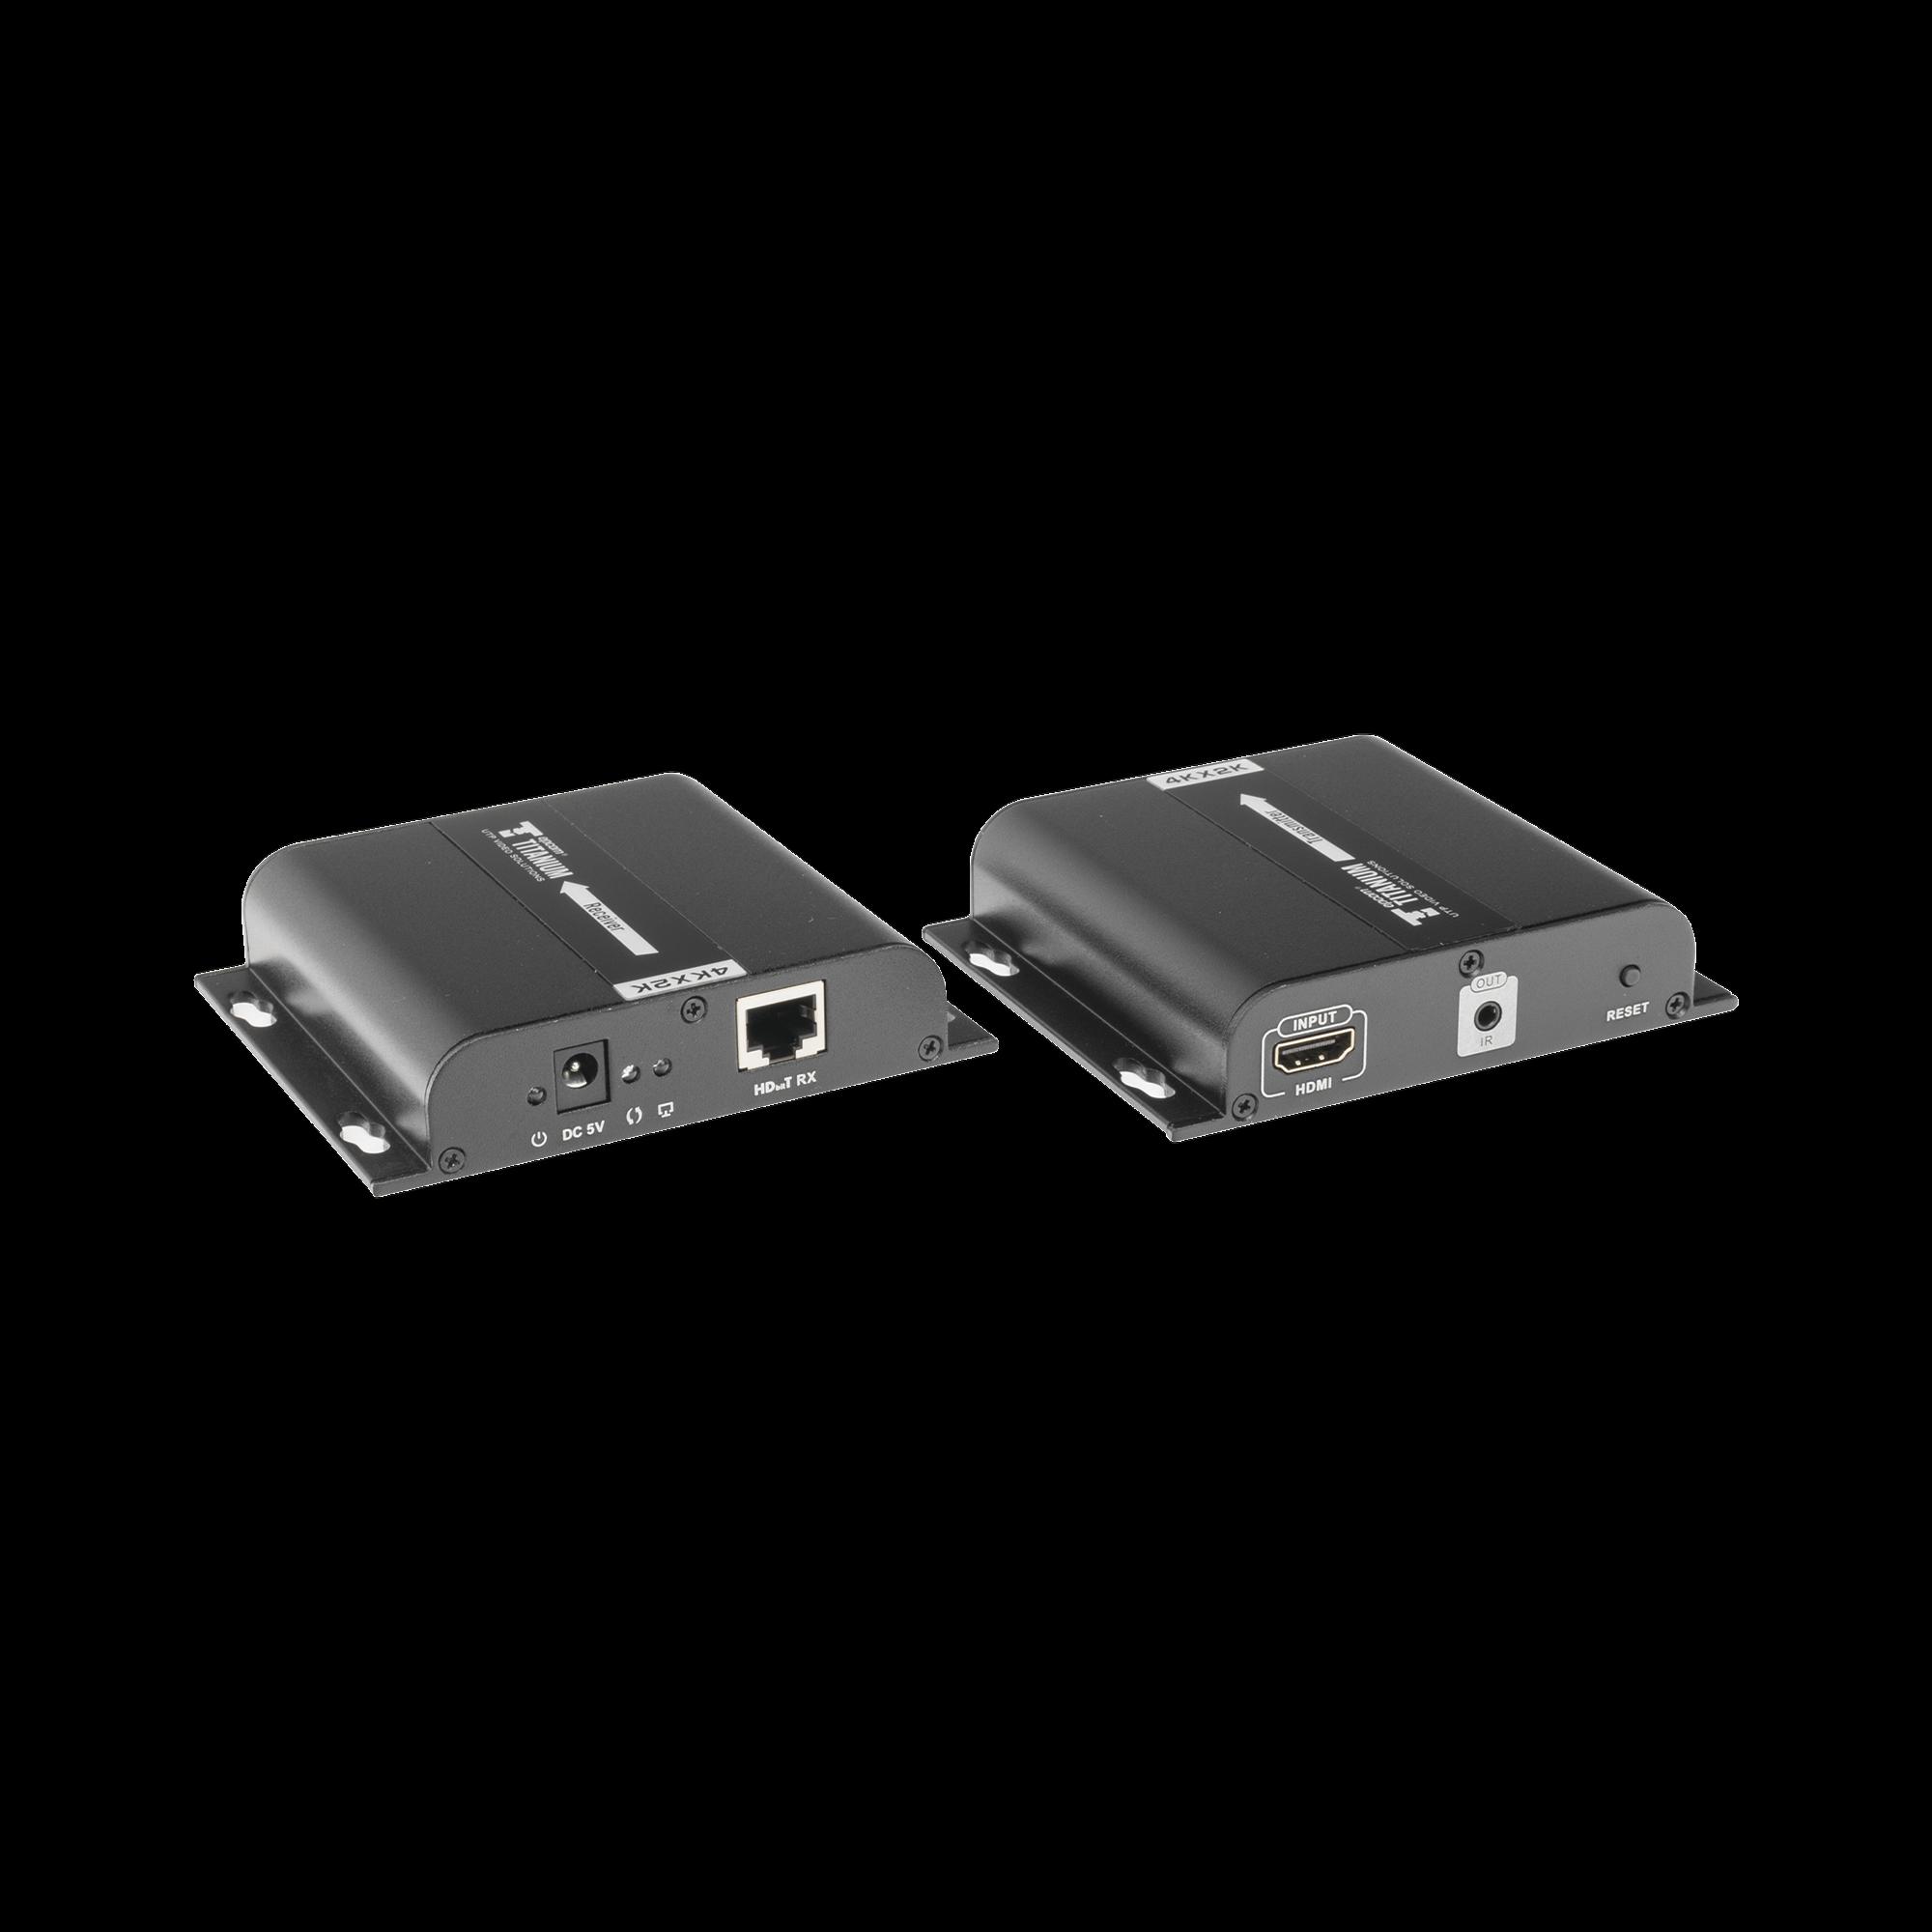 4K x 2K extensor HDMI por cable CAT5 / 5E / 6 a 120 metros, protocolo HDbitT, compatible con HDCP.